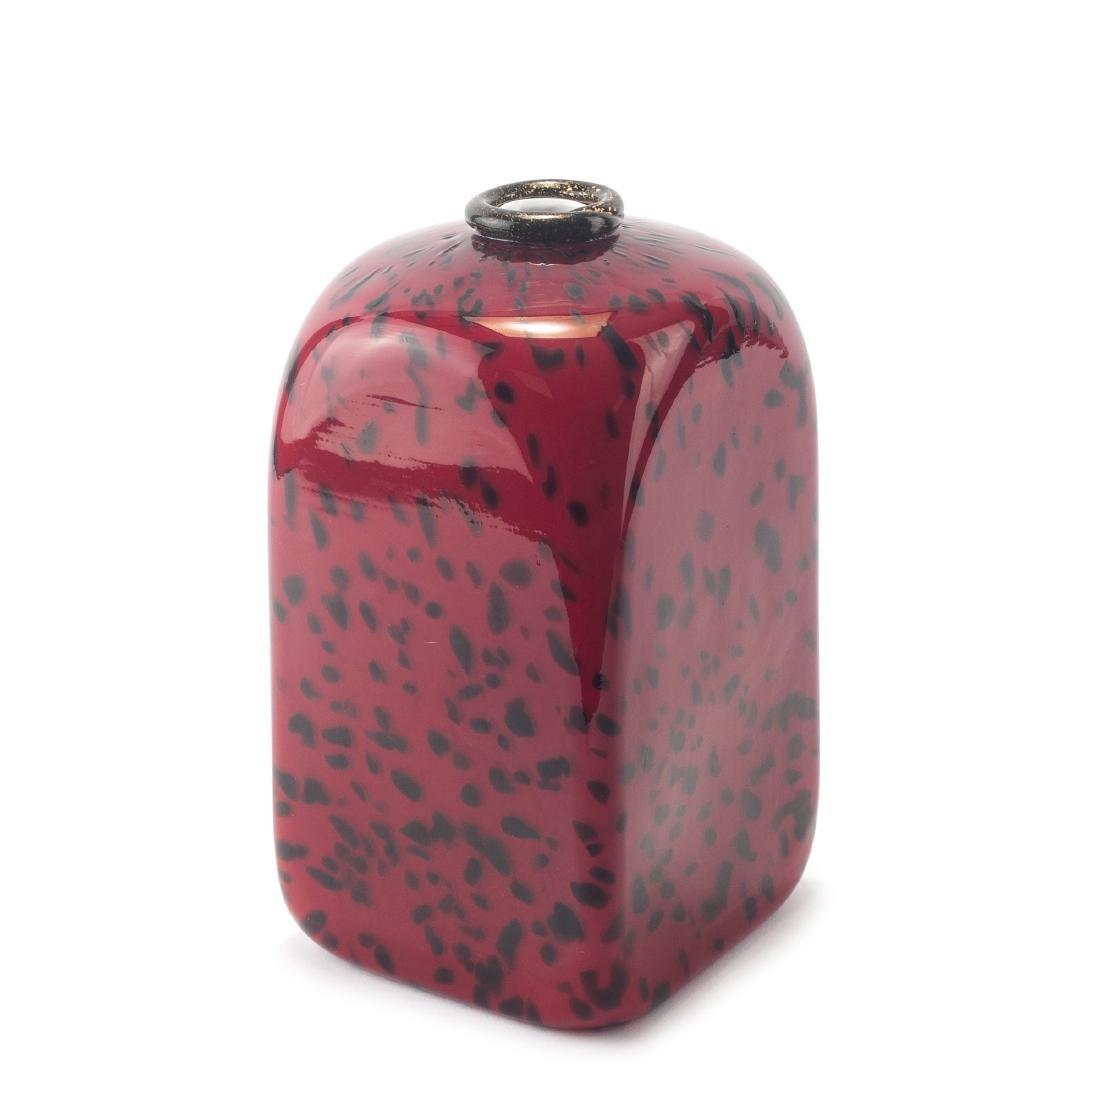 'Con macchie' vase, c1930